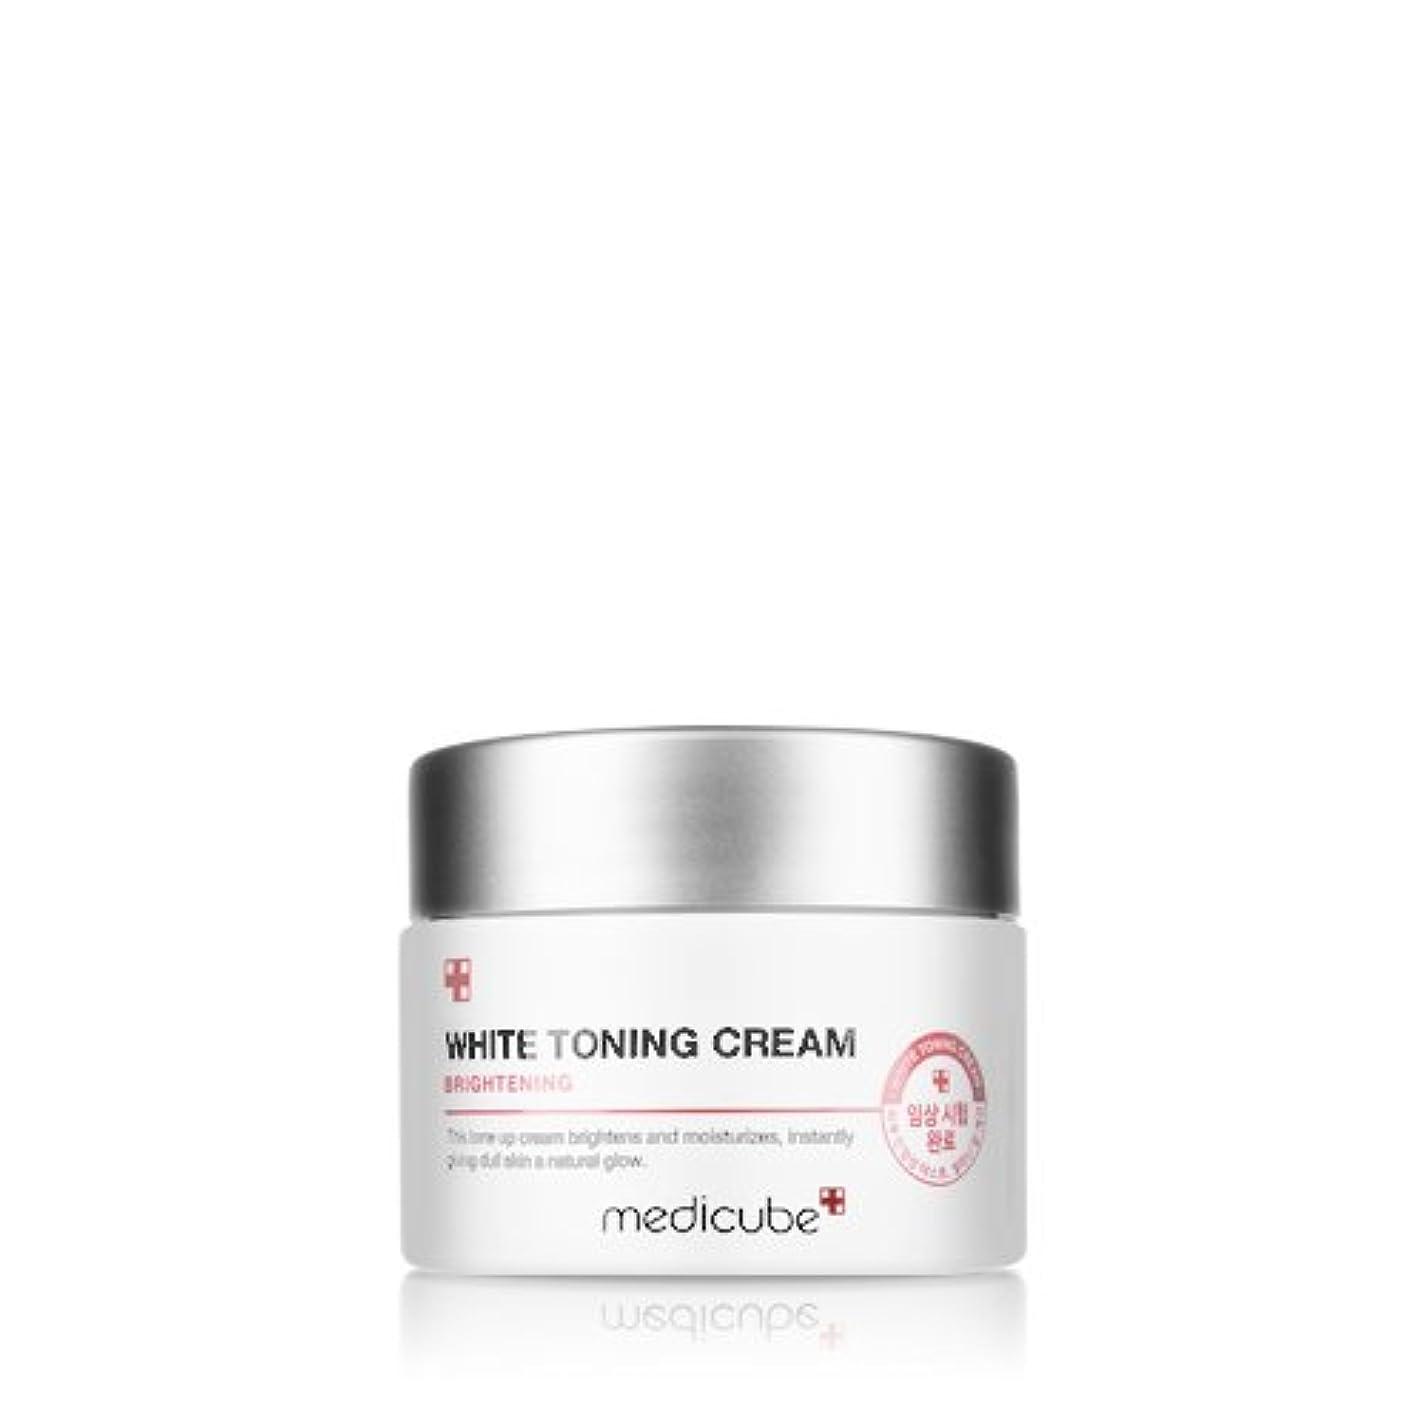 階層個人的な映画[Medicube] WHITE TONING CREAM / メディキューブ ホワイトトーニングクリーム / 正品?海外直送商品